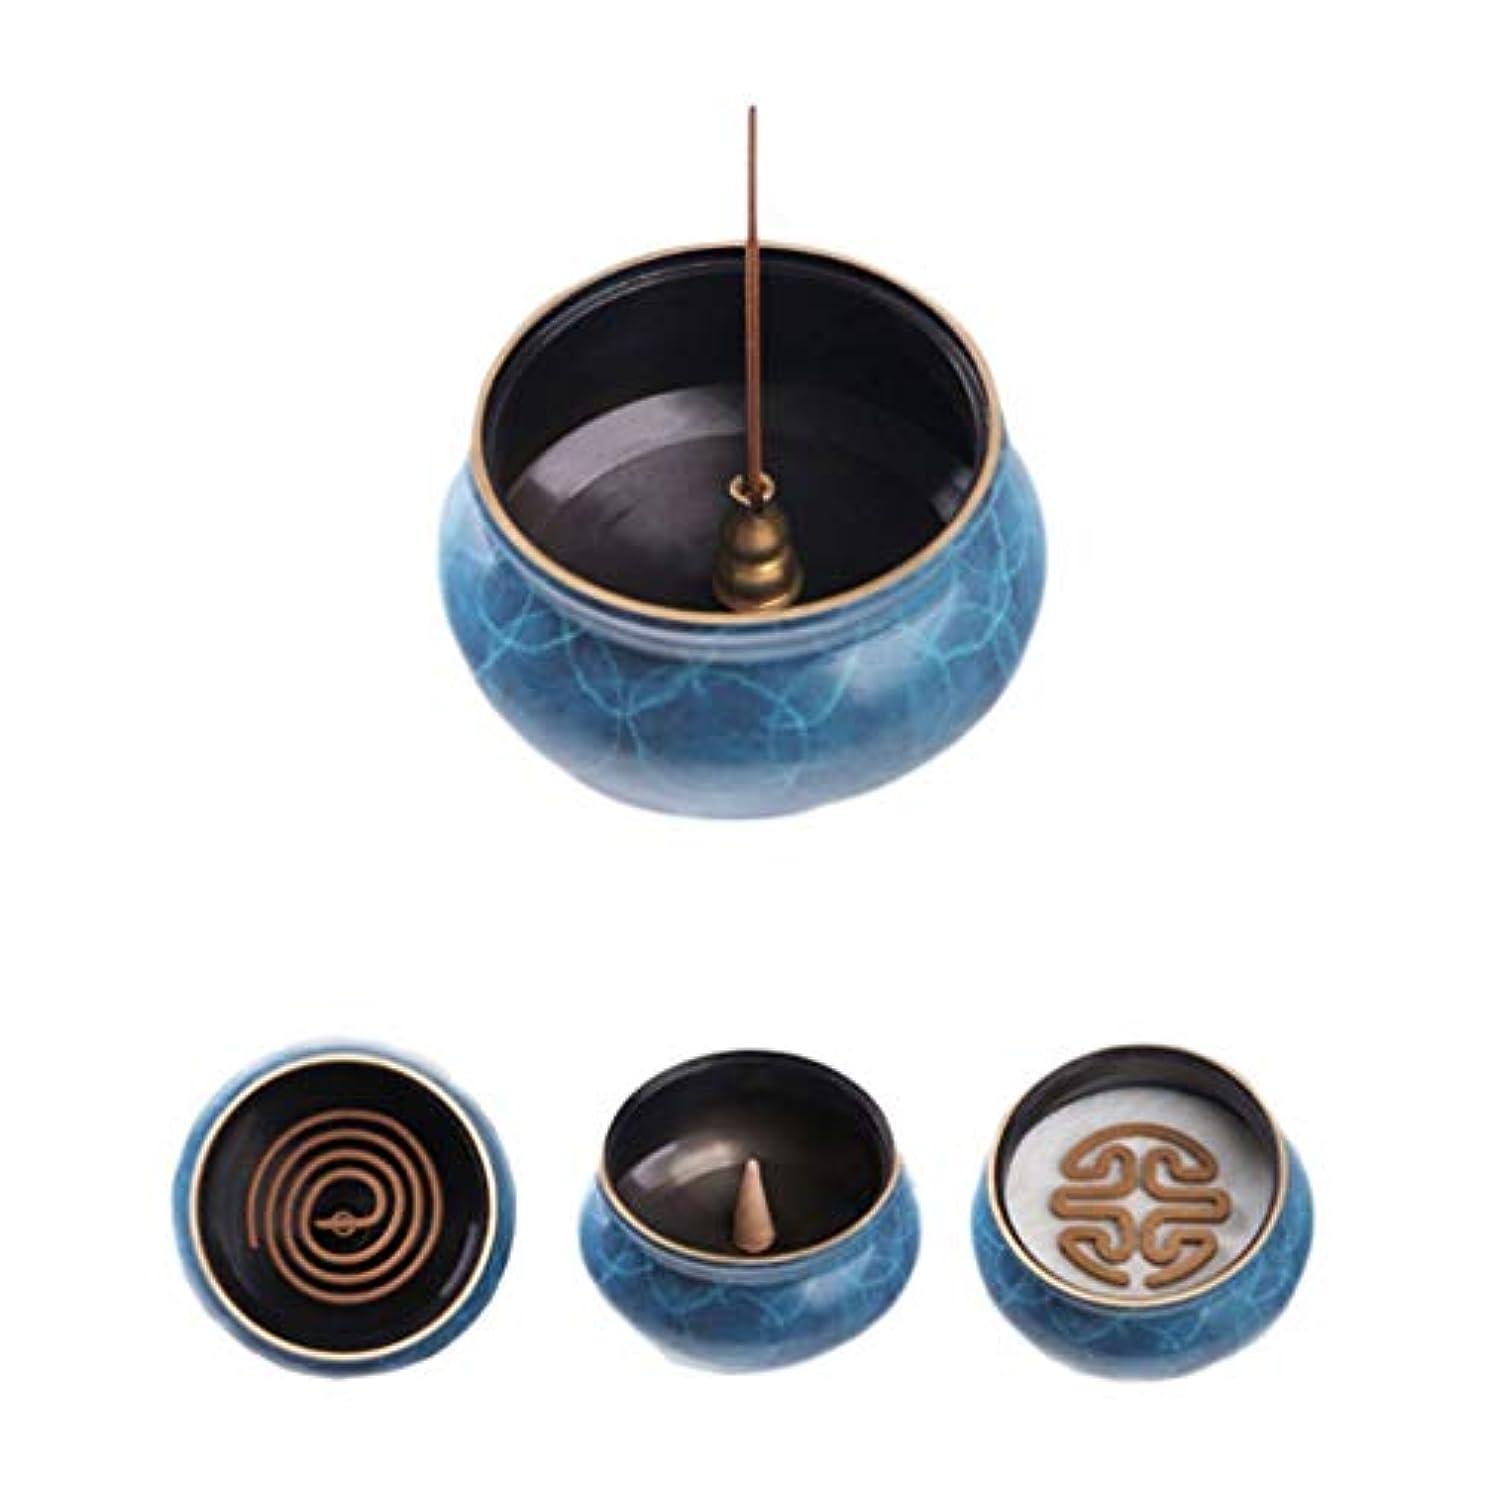 値サイクロプスマイル芳香器?アロマバーナー 純粋な銅香炉ホームアンティーク白檀用仏寒天香炉香り装飾アロマセラピー炉 芳香器?アロマバーナー (Color : Blue copper)